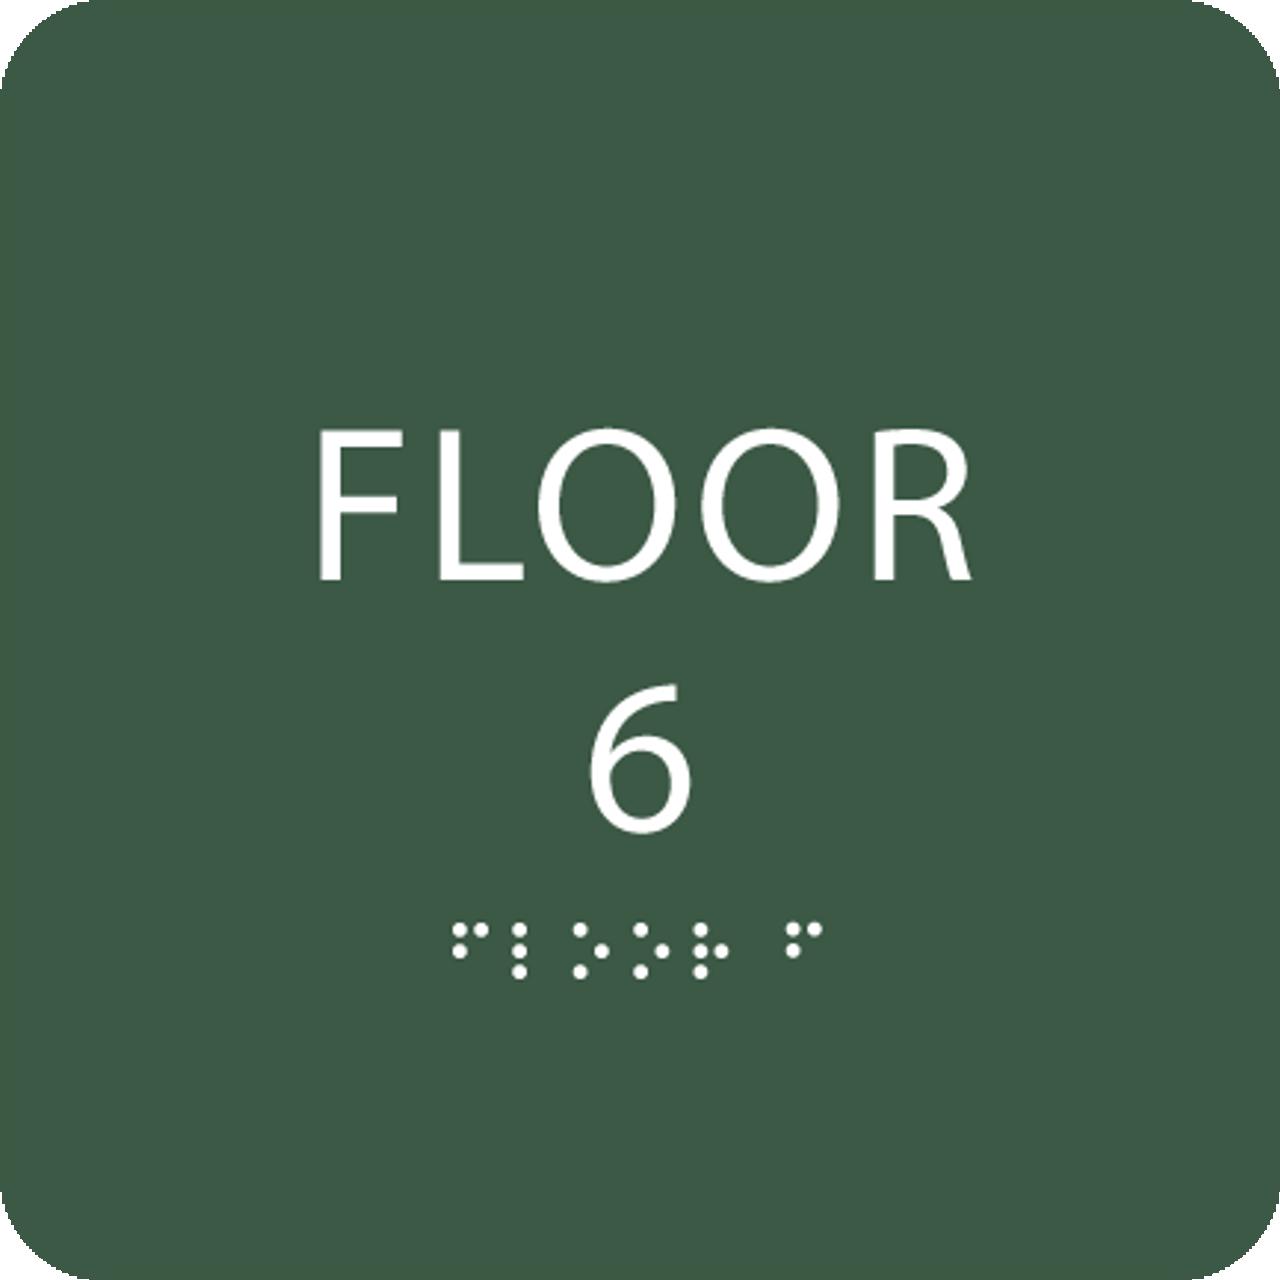 Green Floor 6 Number Identification ADA Sign